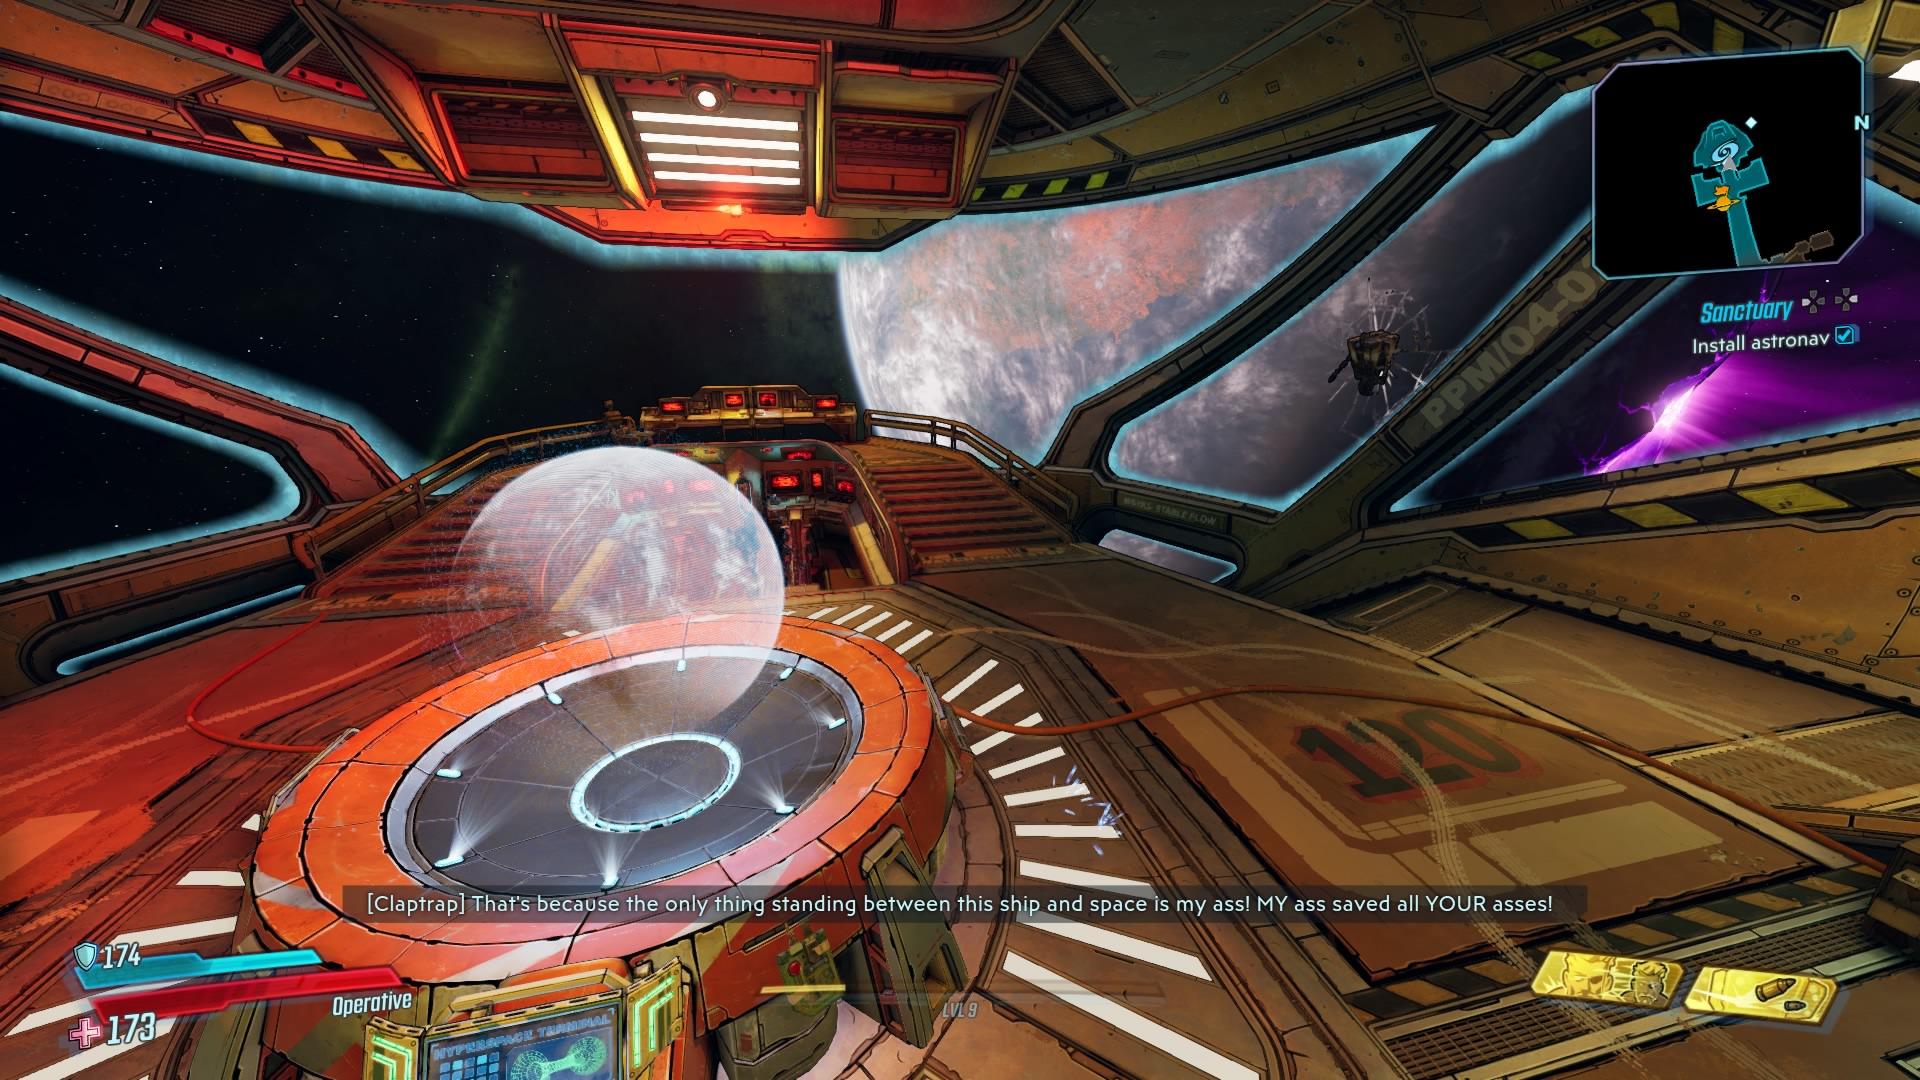 Borderlands 3 - kosmicznie dobra zabawa z kilkoma potknięciami (recenzja) 22